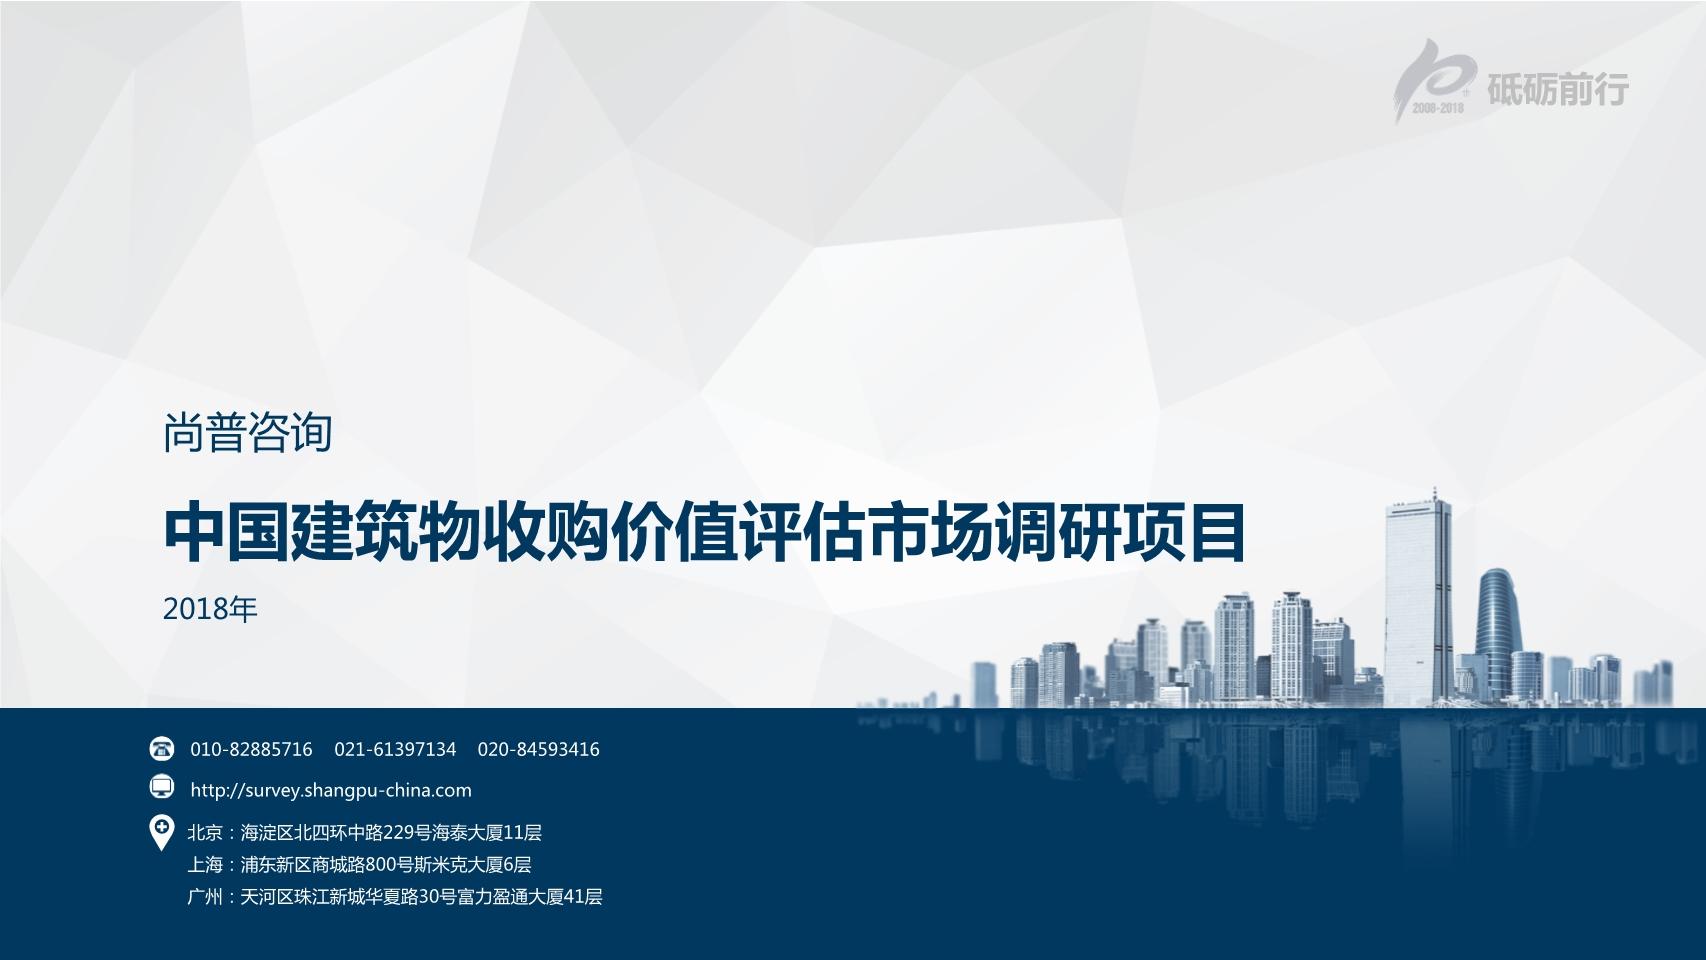 尚普咨询-中国建筑物收购价值评估市场调研项目